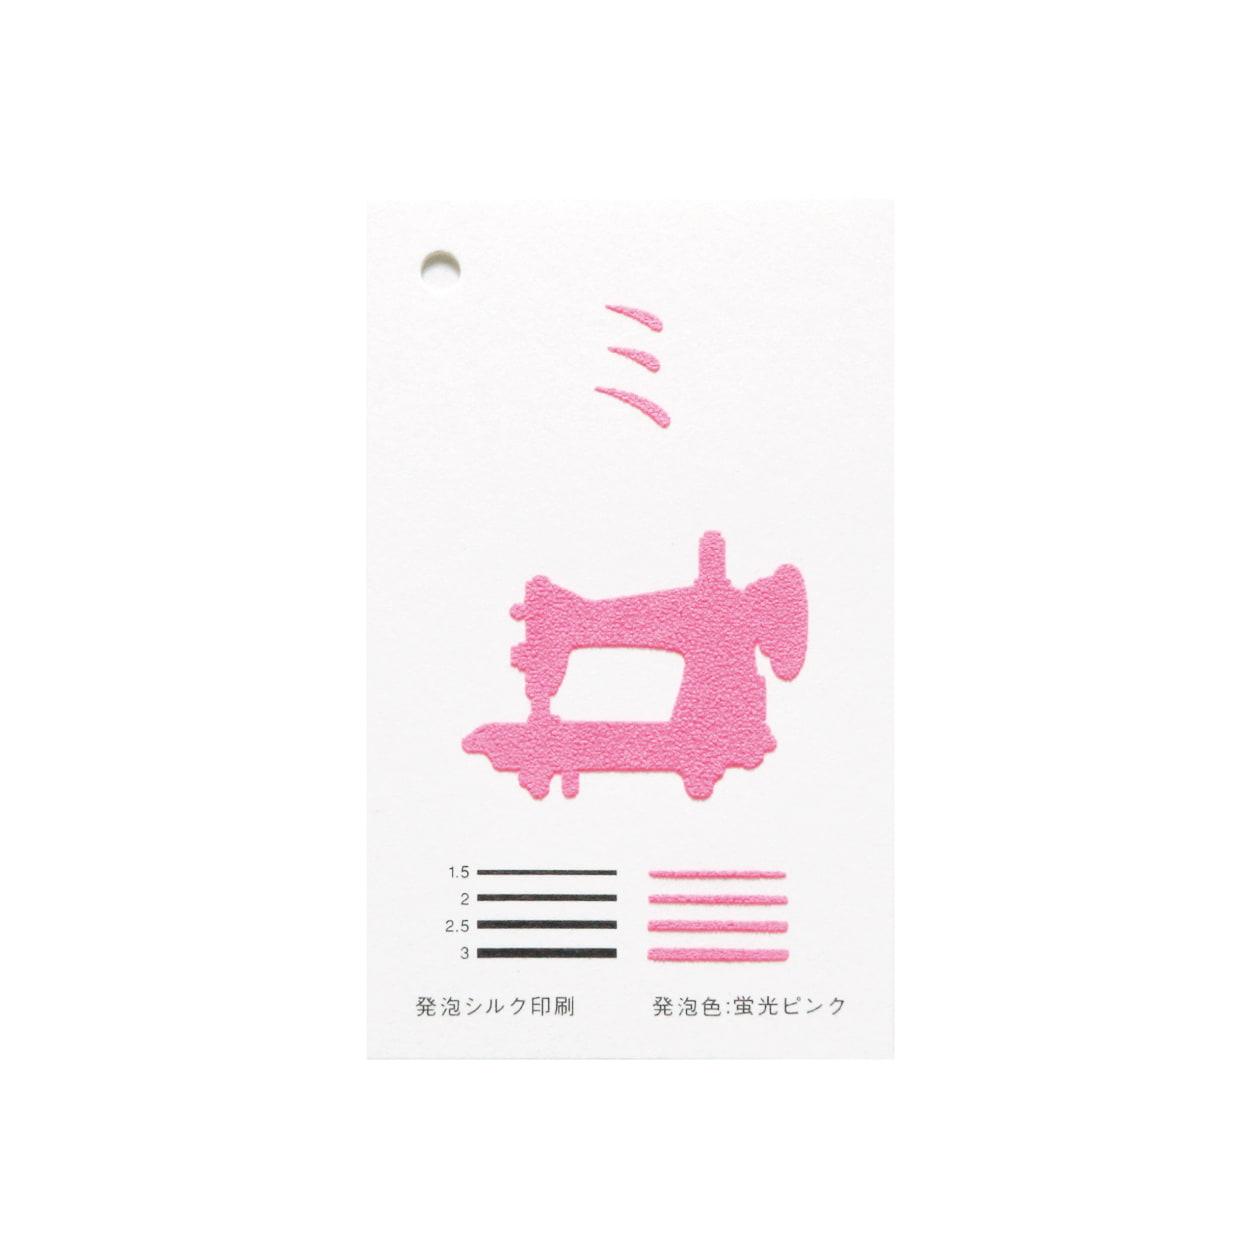 加工色見本 00137 発泡シルク 蛍光ピンク コットンスノーホワイト 232.8g